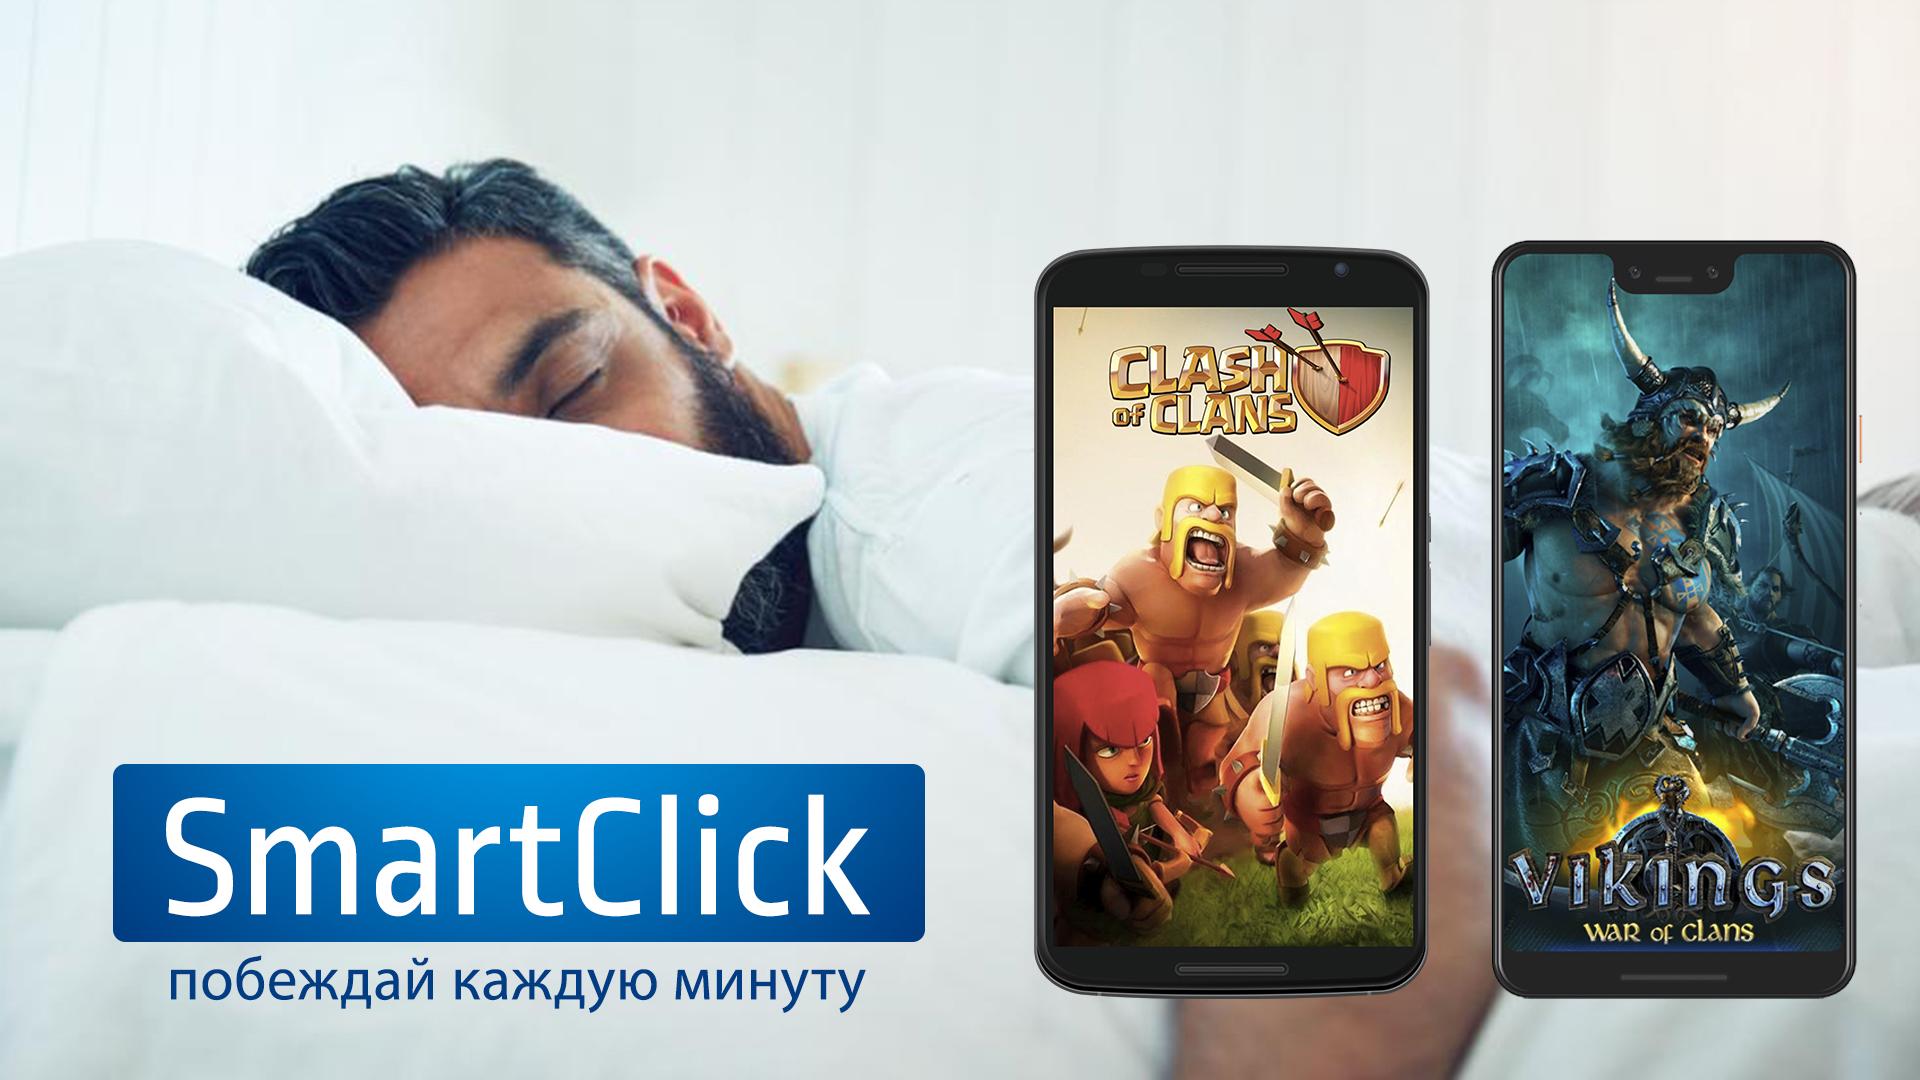 Разработка рекламного баннера мобильного приложения фото f_3765c0683b85484b.jpg